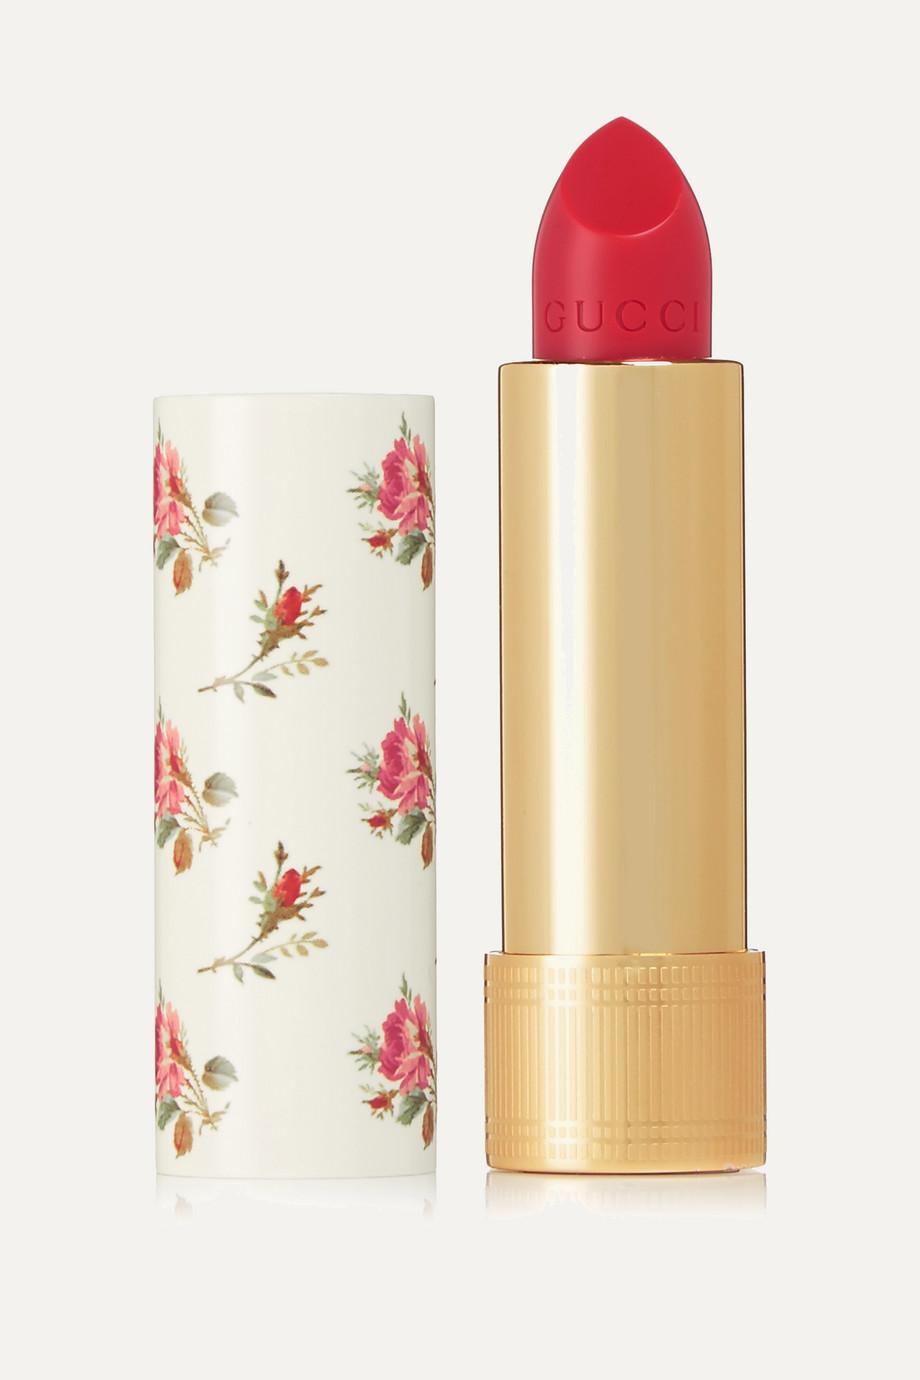 Gucci Beauty Rouge à Lèvres Voile - Eadie Scarlet 502